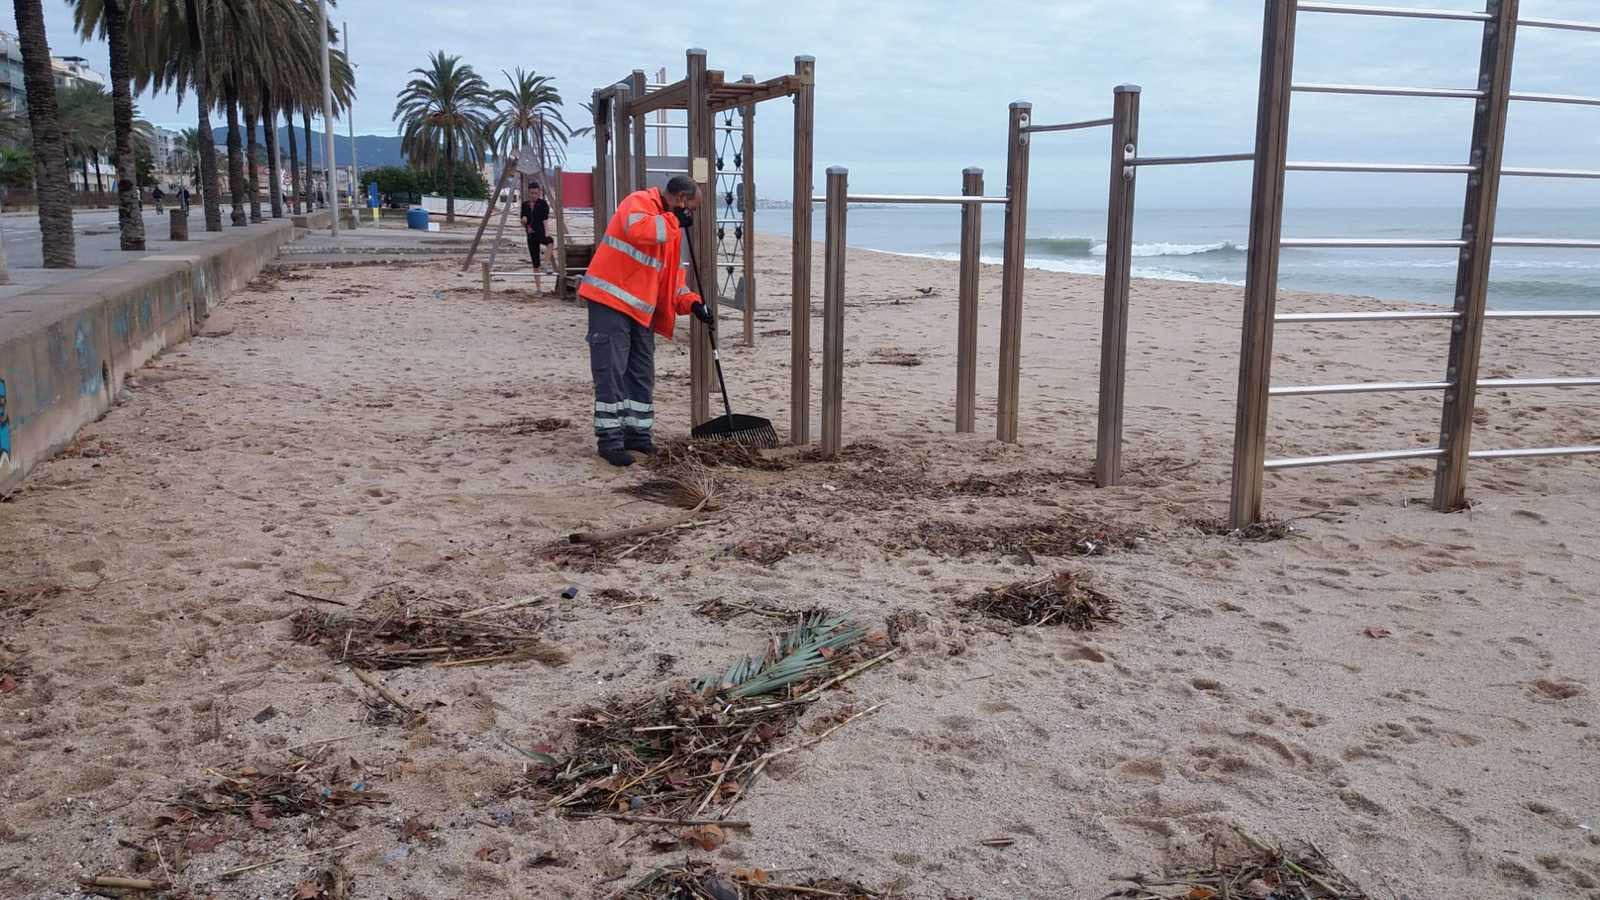 La limpieza manual de residuos es clave para mantener limpias las playas.